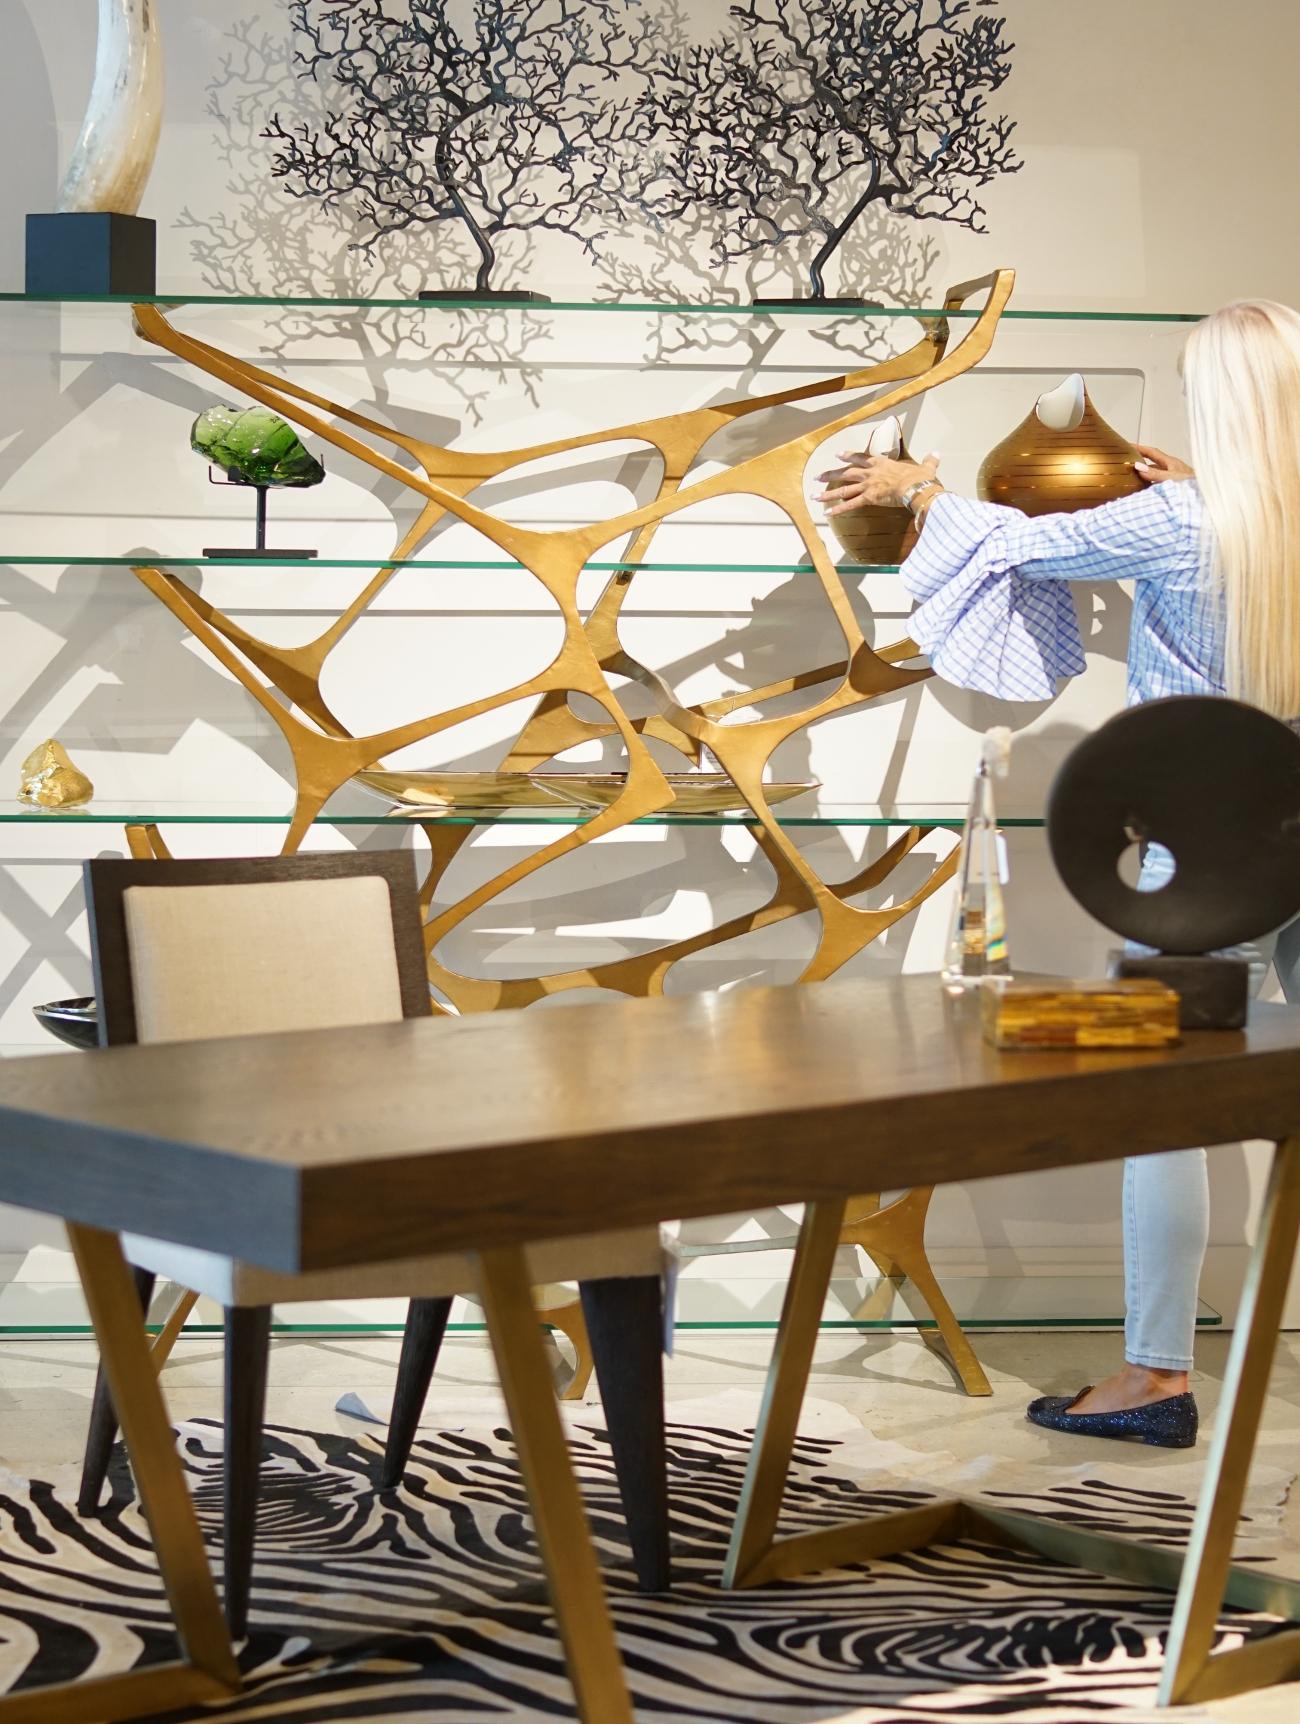 dolce-vita-design-interior-designer-miami-fl-florida-coral-gables-8